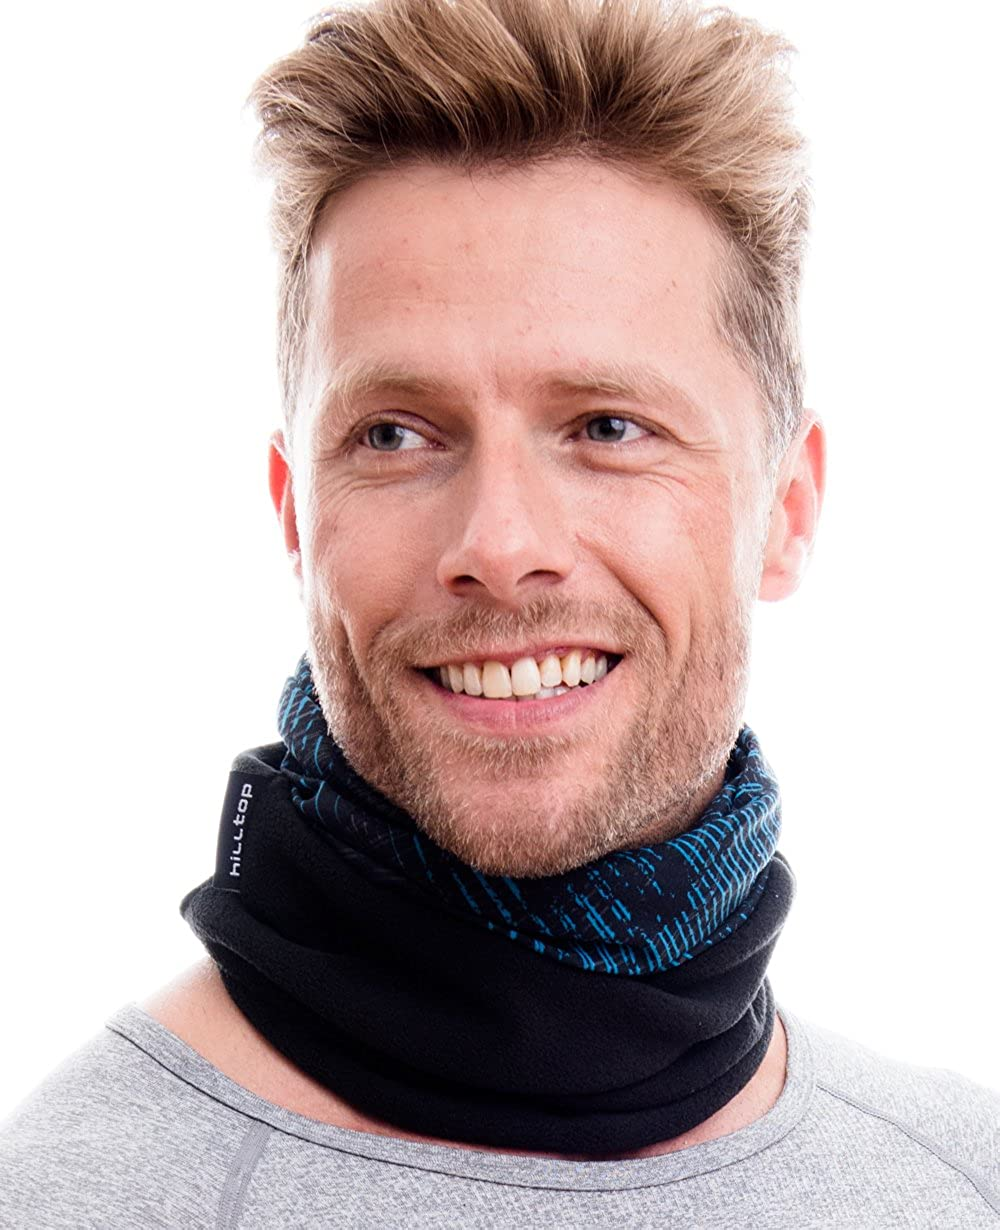 Polar Halstuch f/ür kalte Herbst und Wintertage Schlauchtuch f/ür Damen und Herren Trendige Farben W/ÄRMENDES FLEECE Multifunktionstuch Schal